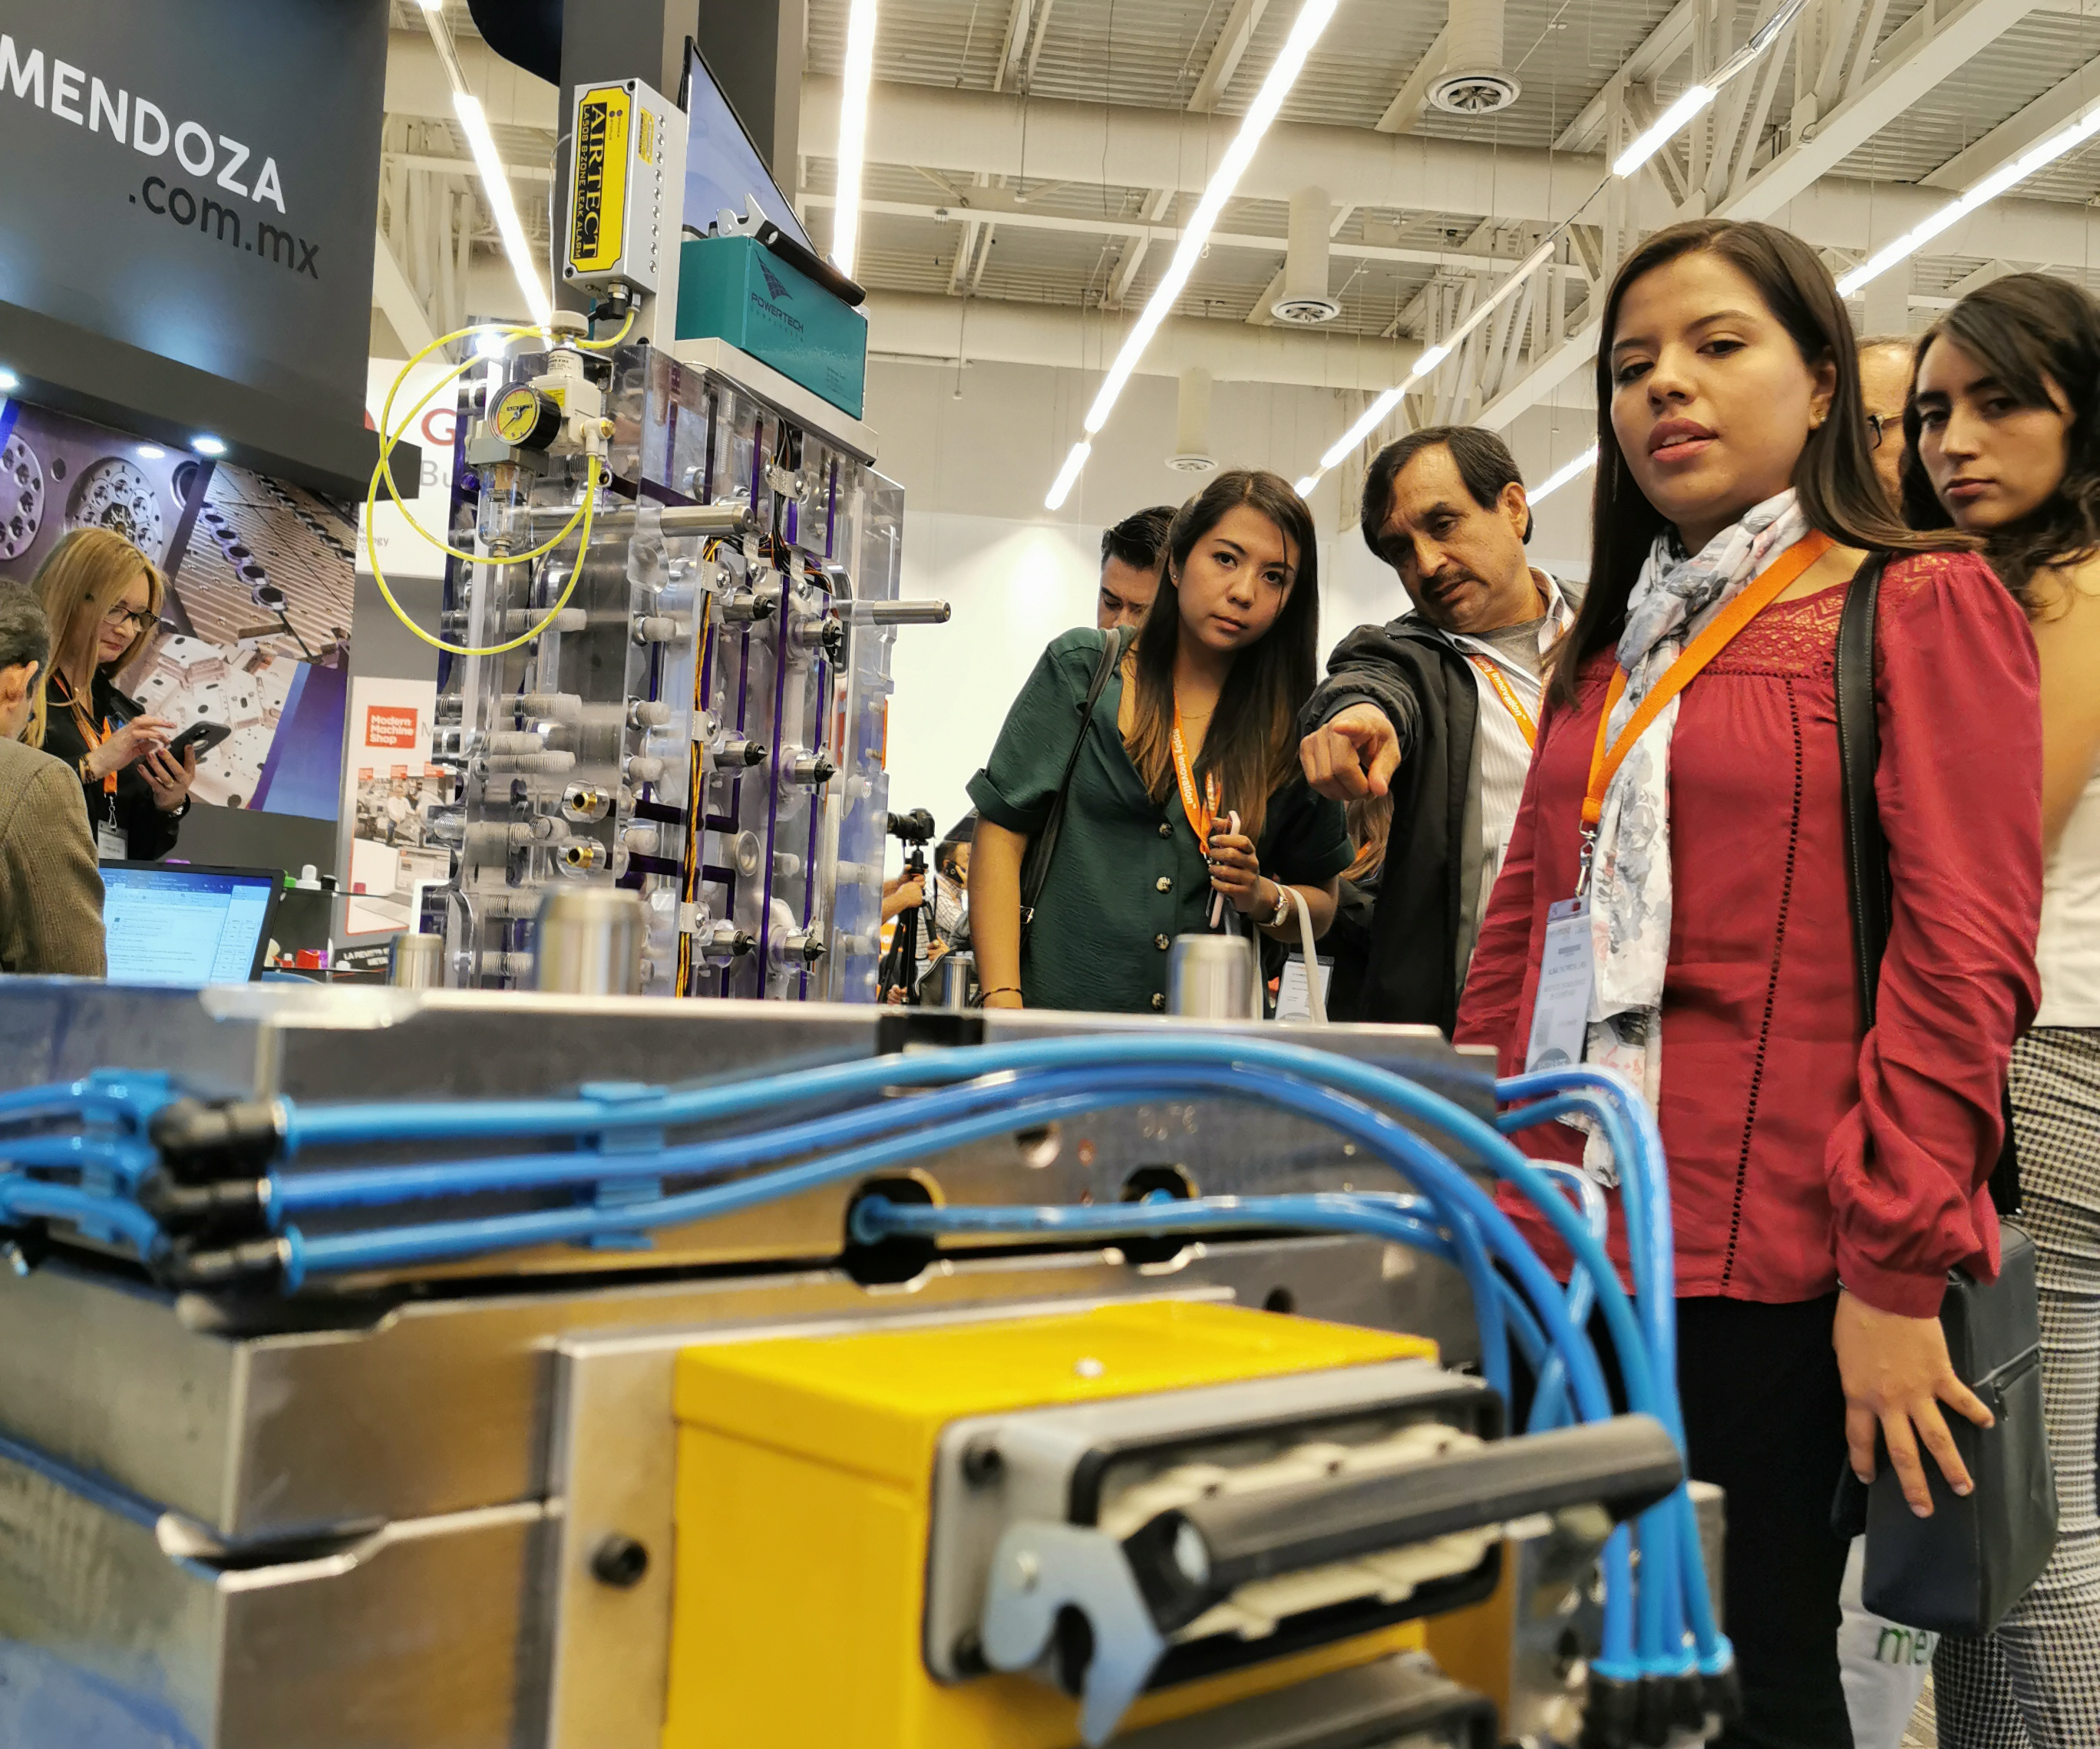 Los fabricantes de moldes nacionales, así como los internacionales, pero con operación en México, tuvieron un lugar destacado dentro de la muestra comercial.